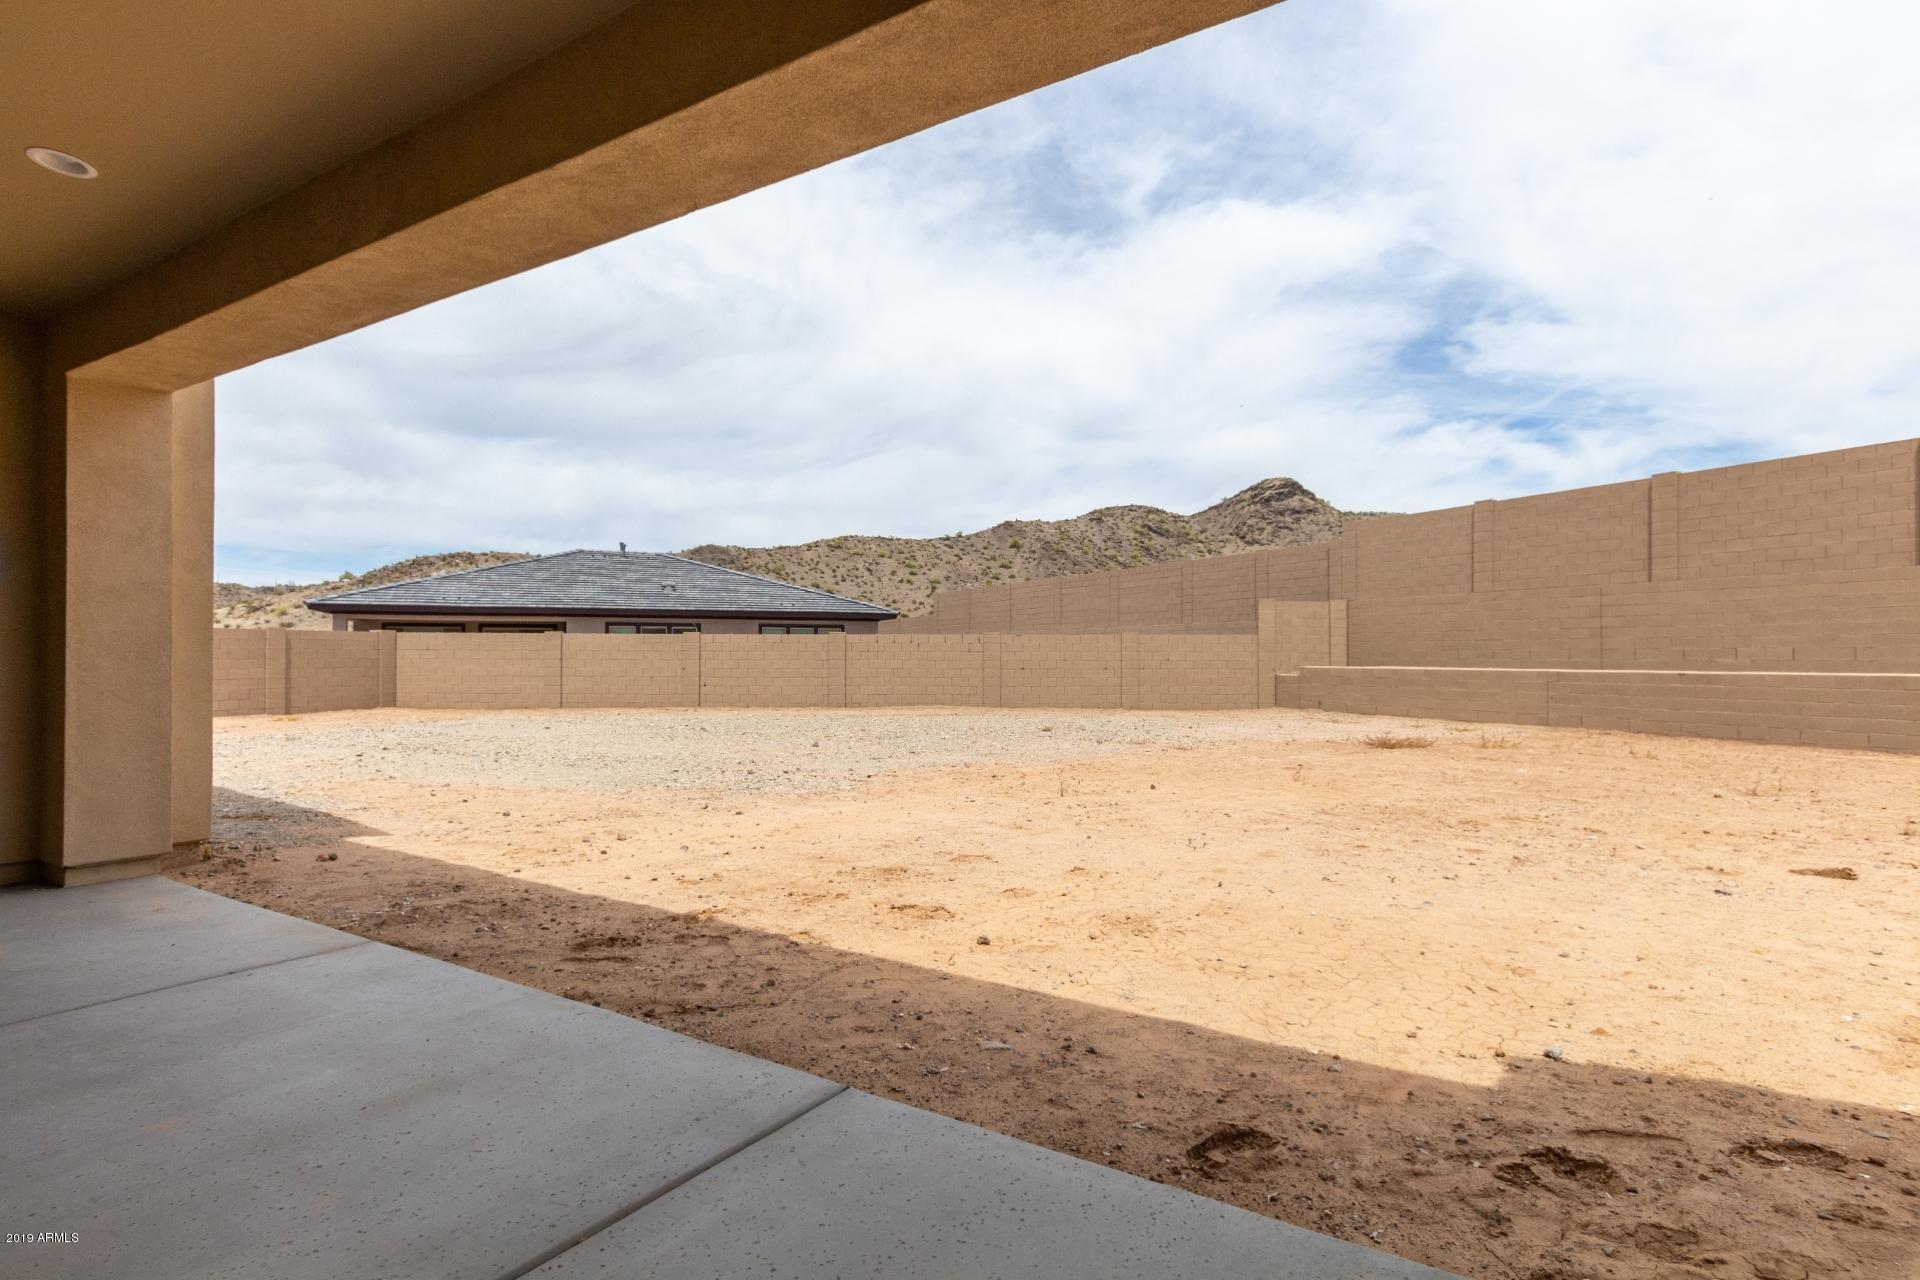 MLS 5821795 16217 S 35th Drive, Phoenix, AZ 85045 Ahwatukee Community AZ Newly Built